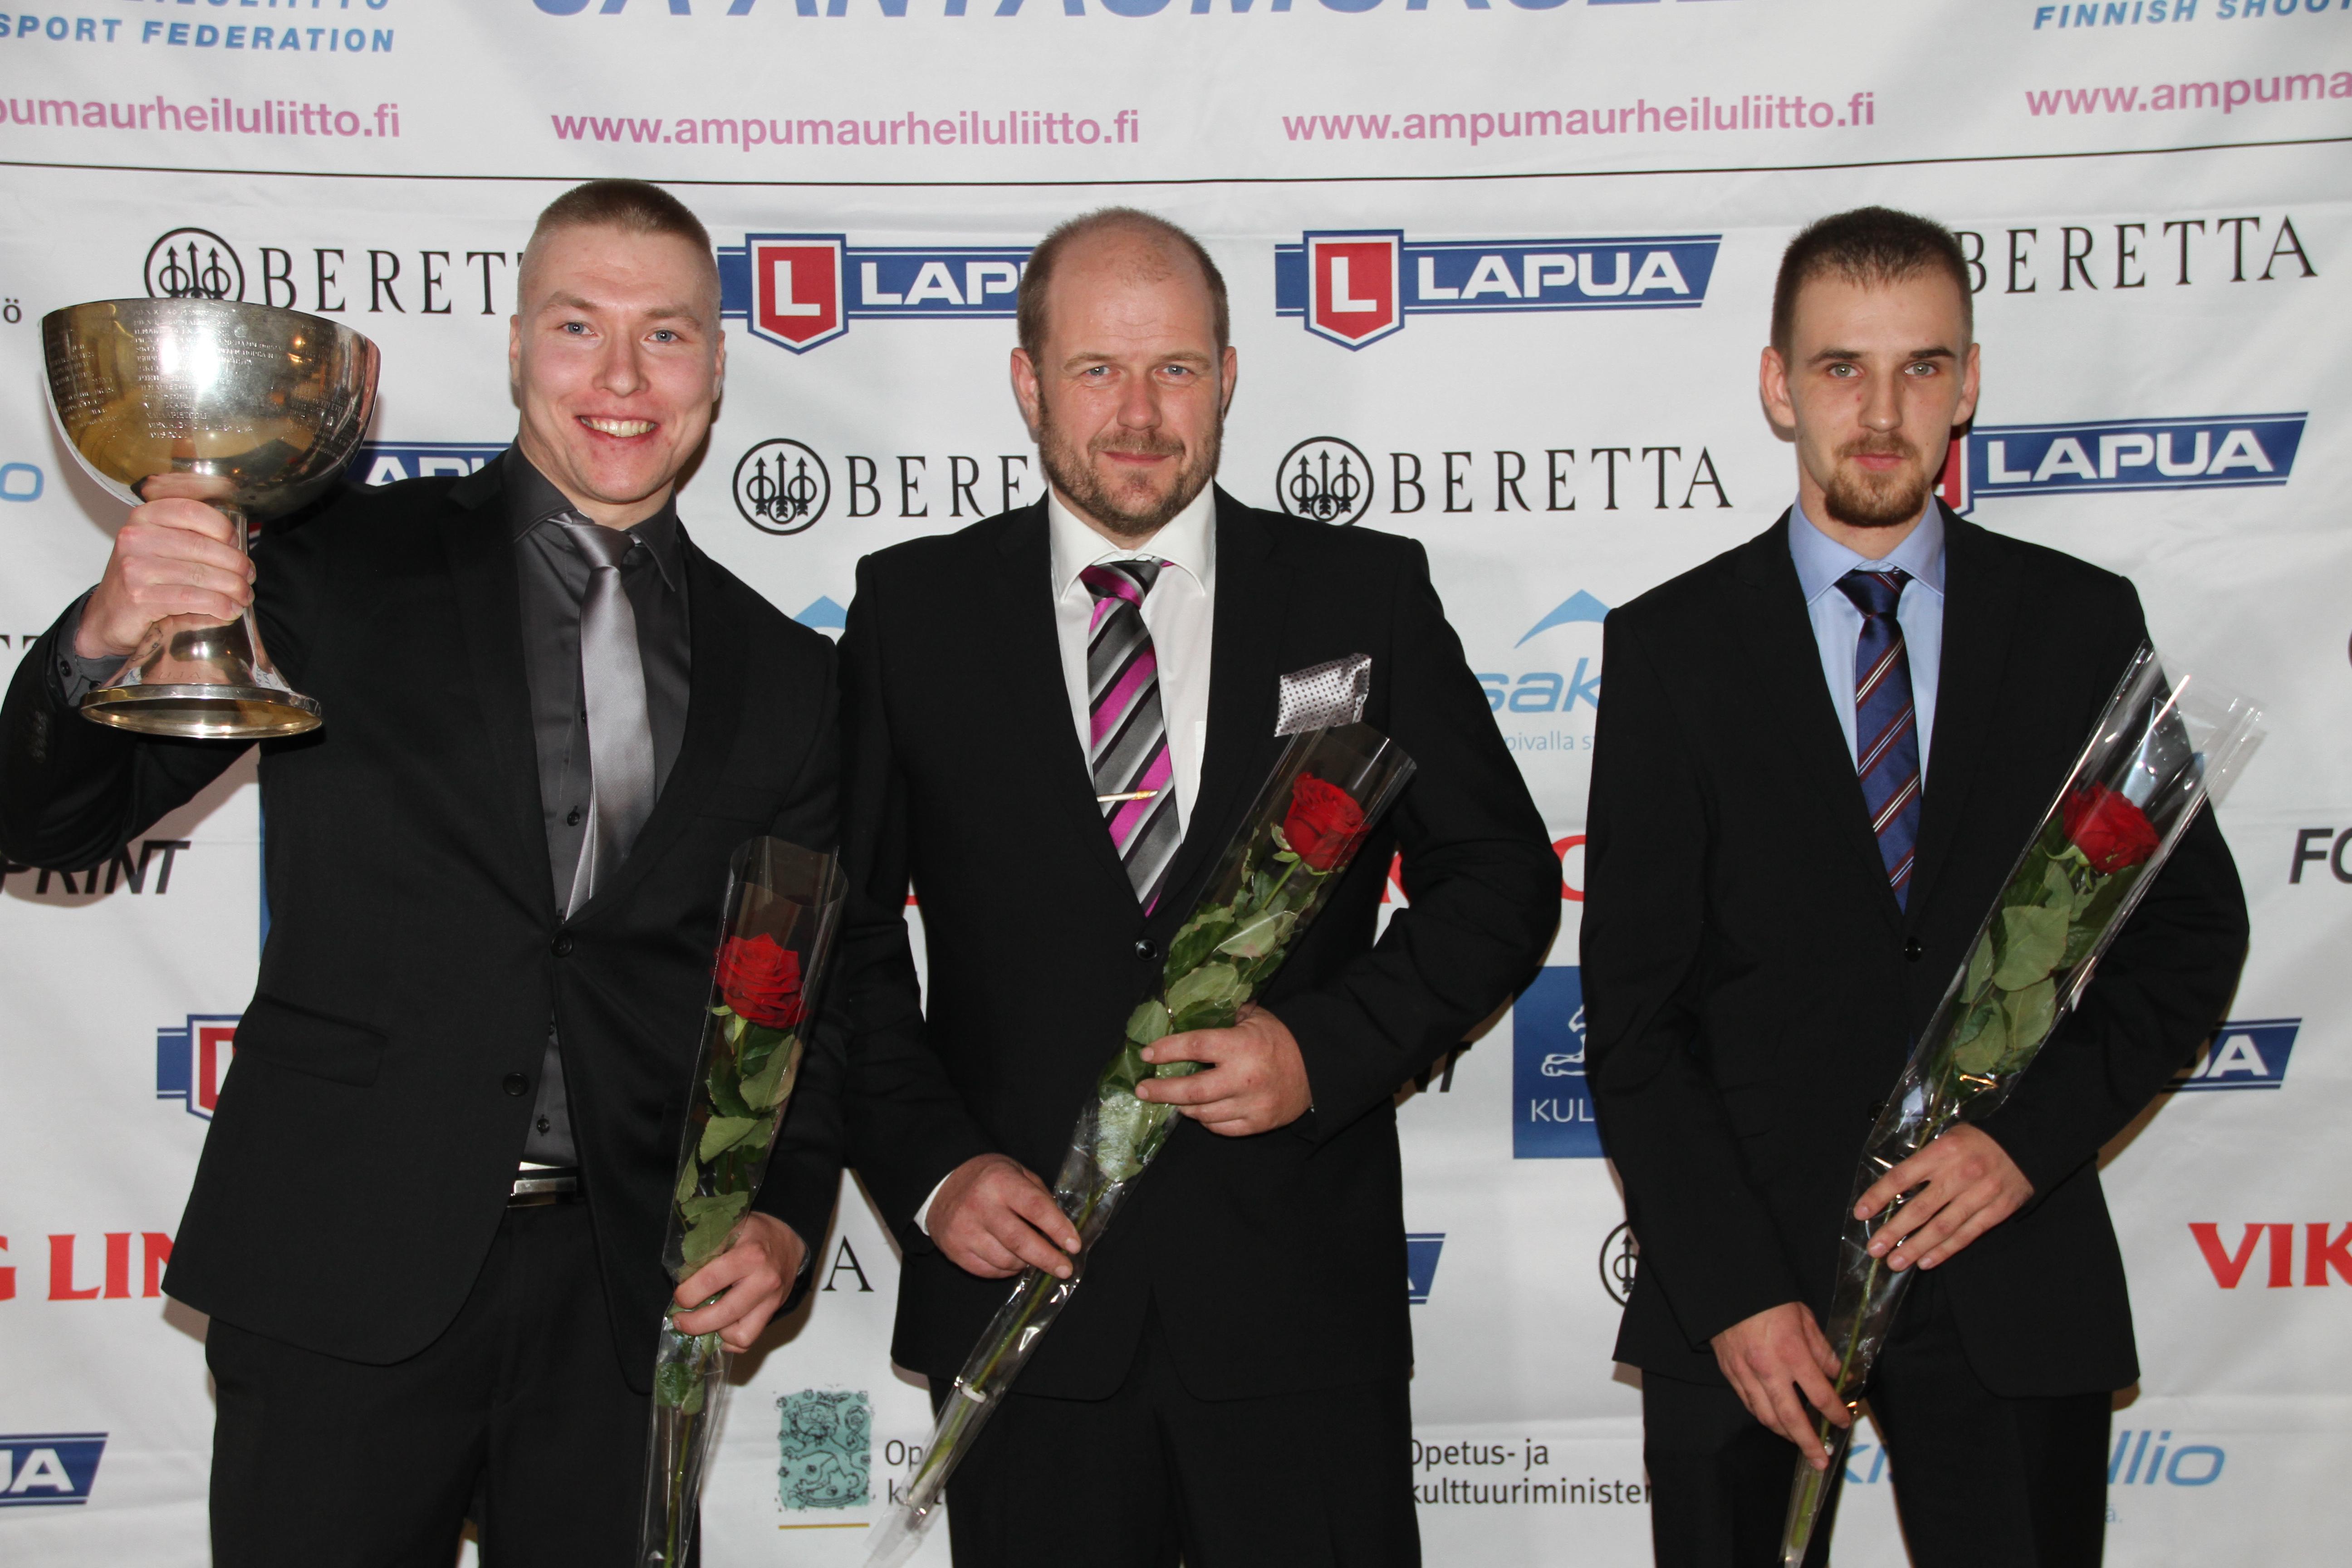 Tomi-Pekka Heikkilä (vas.), Krister Holmberg ja Heikki Lähdekorpi ja Vuoden ampumaurheilija -pokaali. (Kuvat; Lassi Palo)